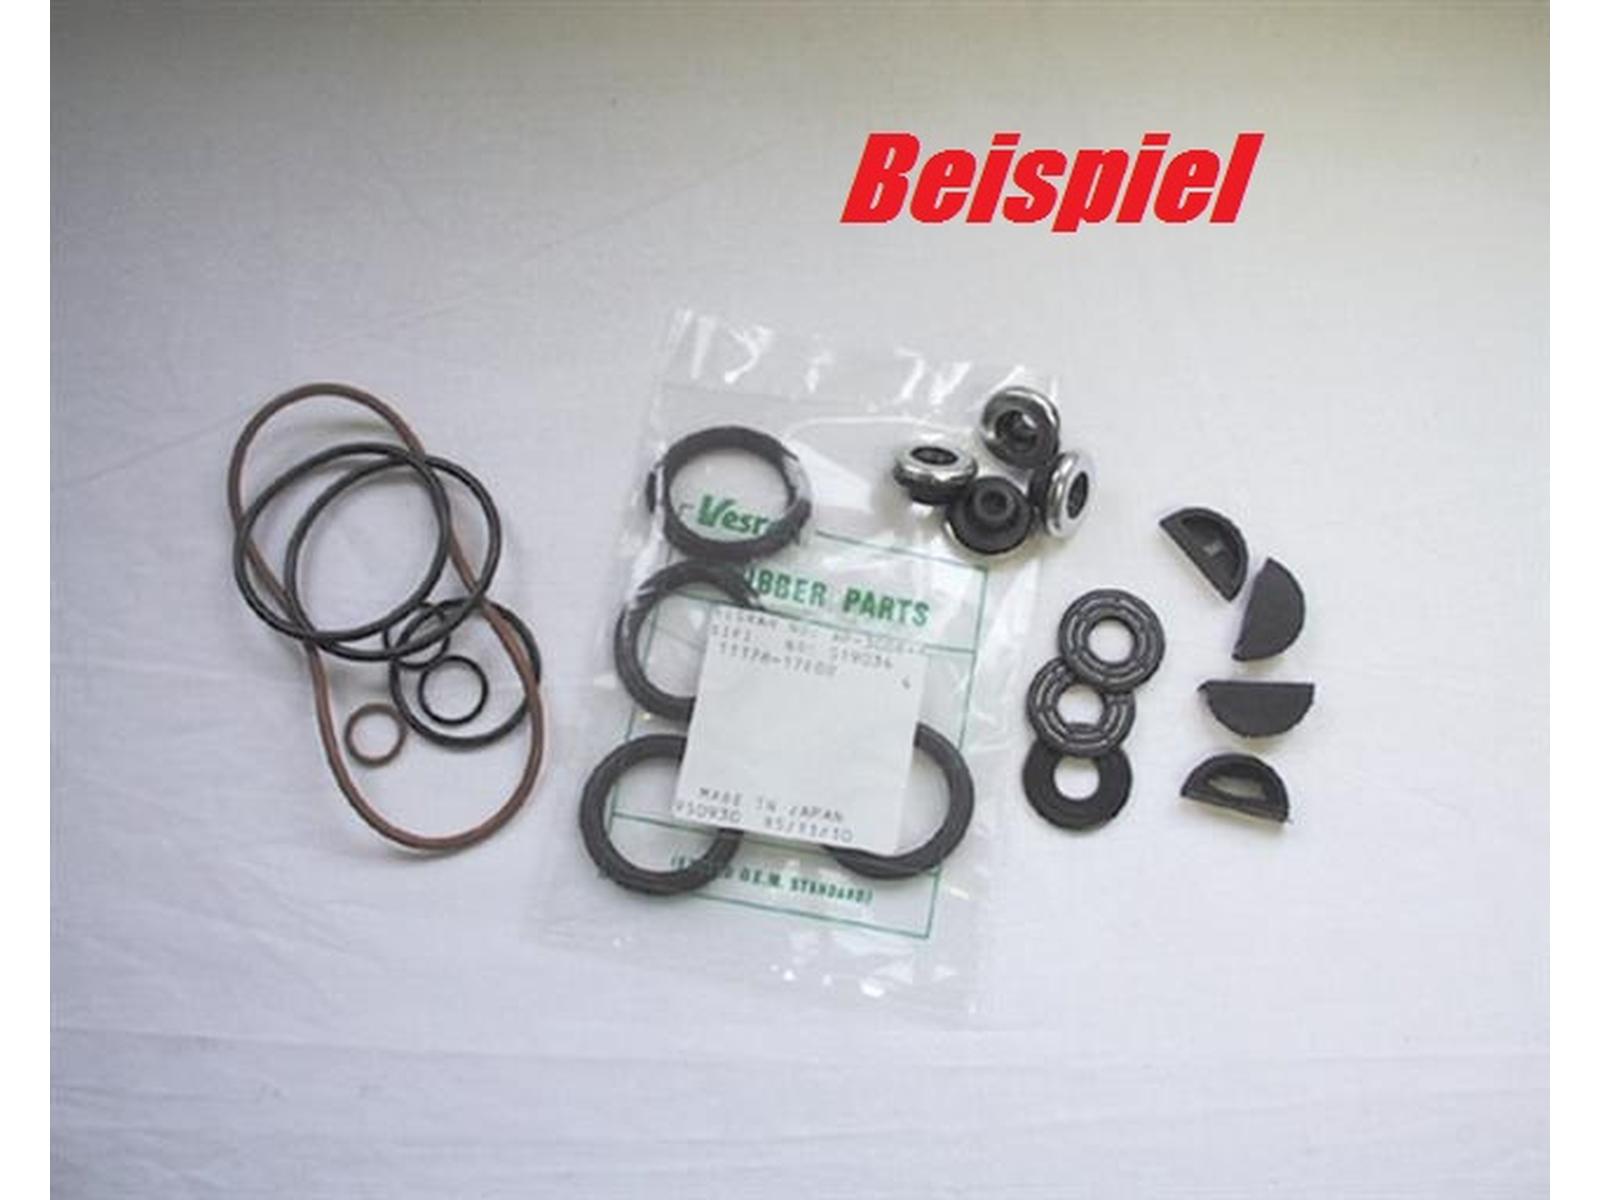 Ventildeckeldichtung Kawasaki Gpz 550 Ut